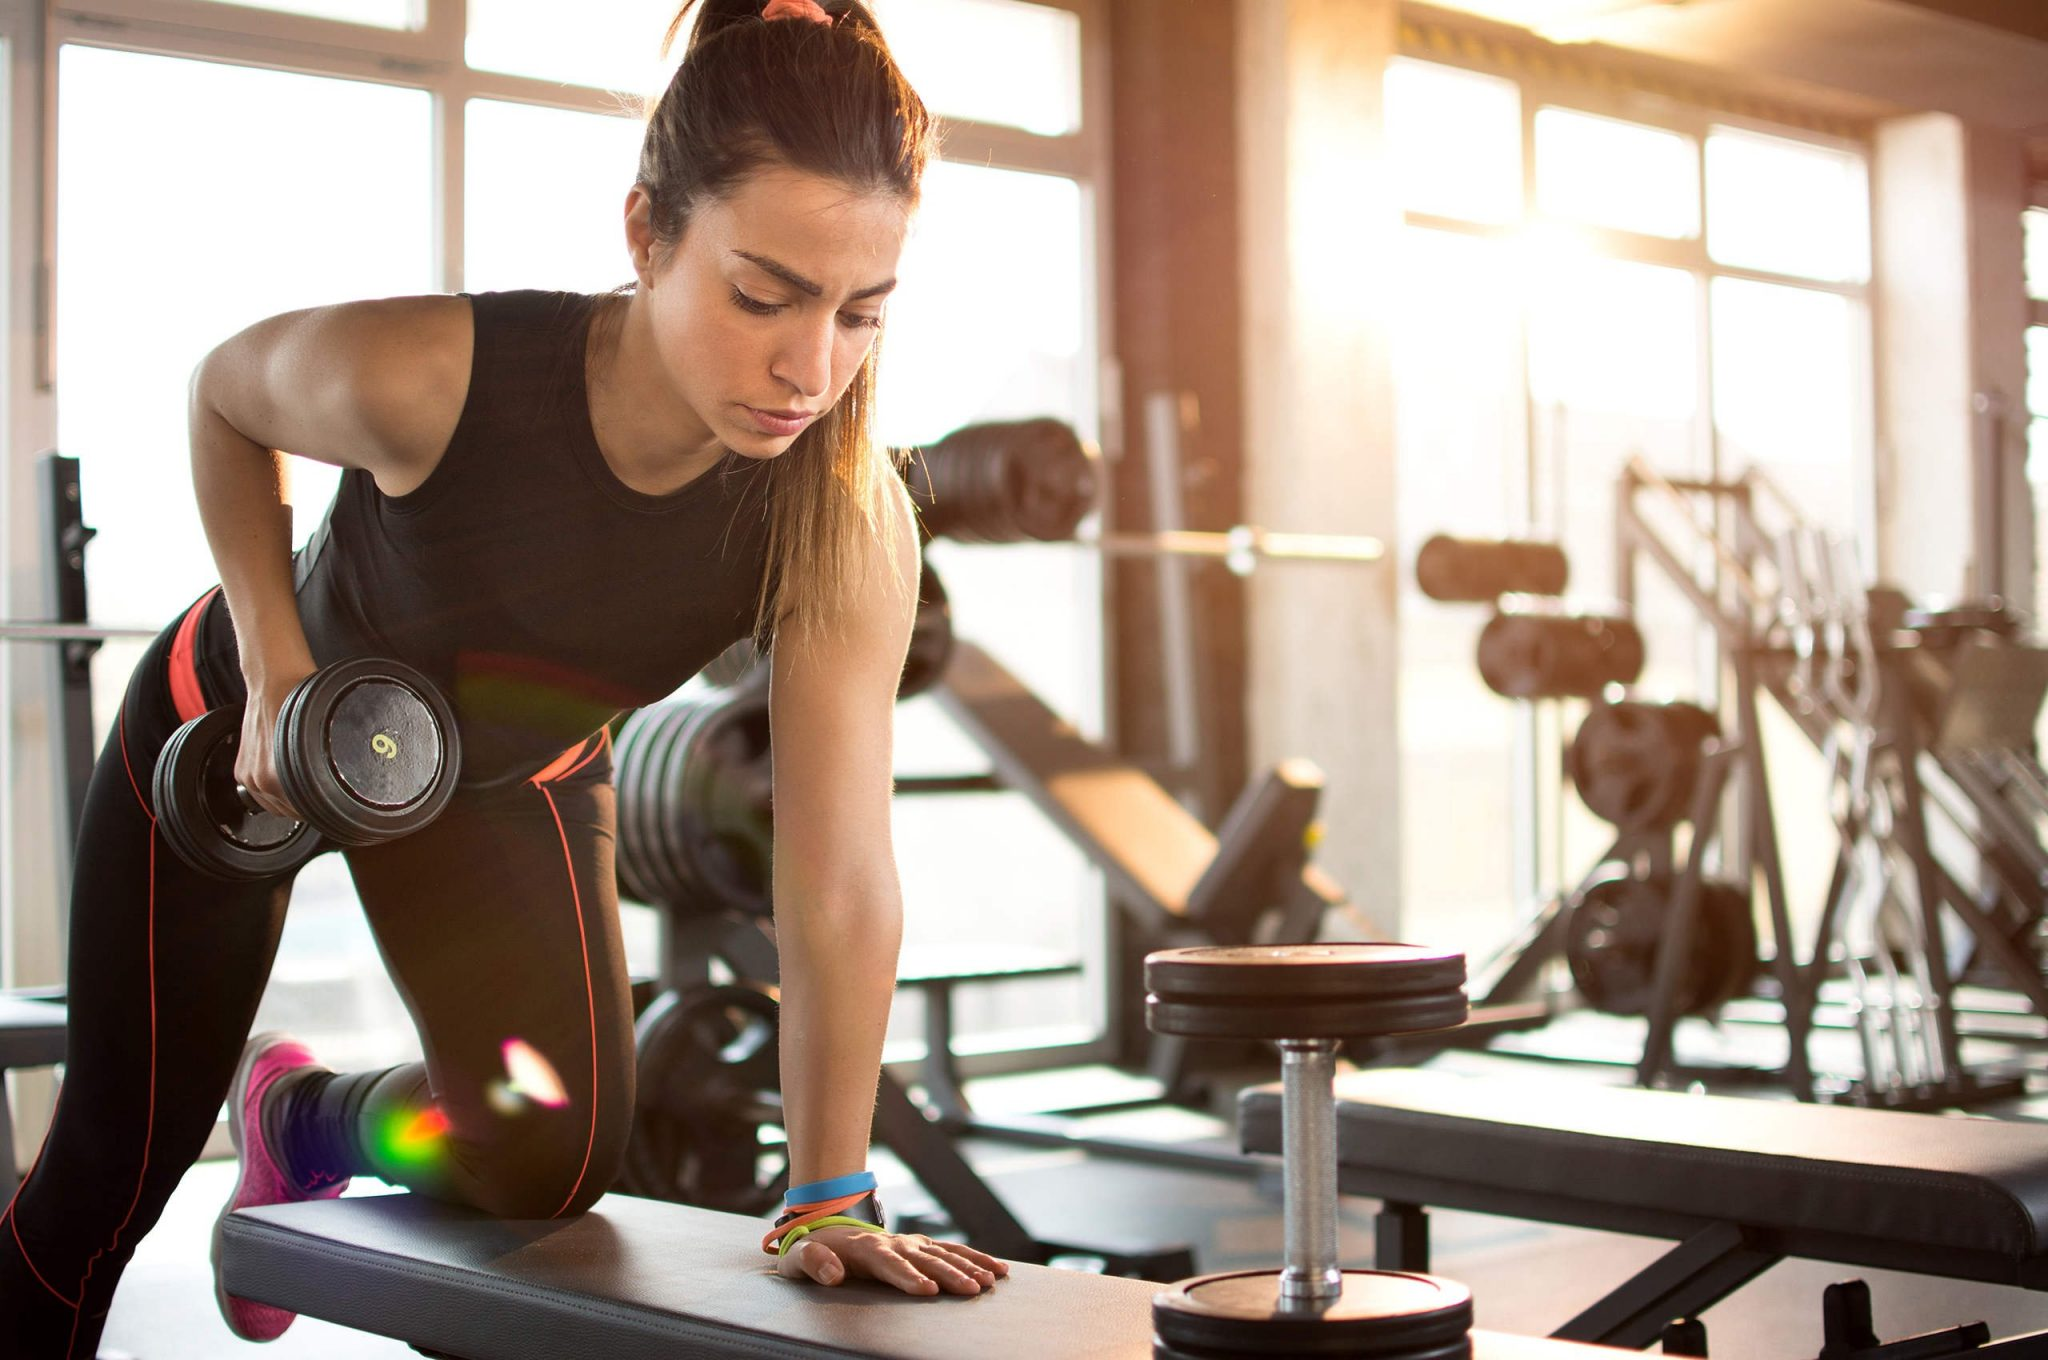 Πέντε απλές και σημαντικές συνήθειες για να έχετε μακροζωία